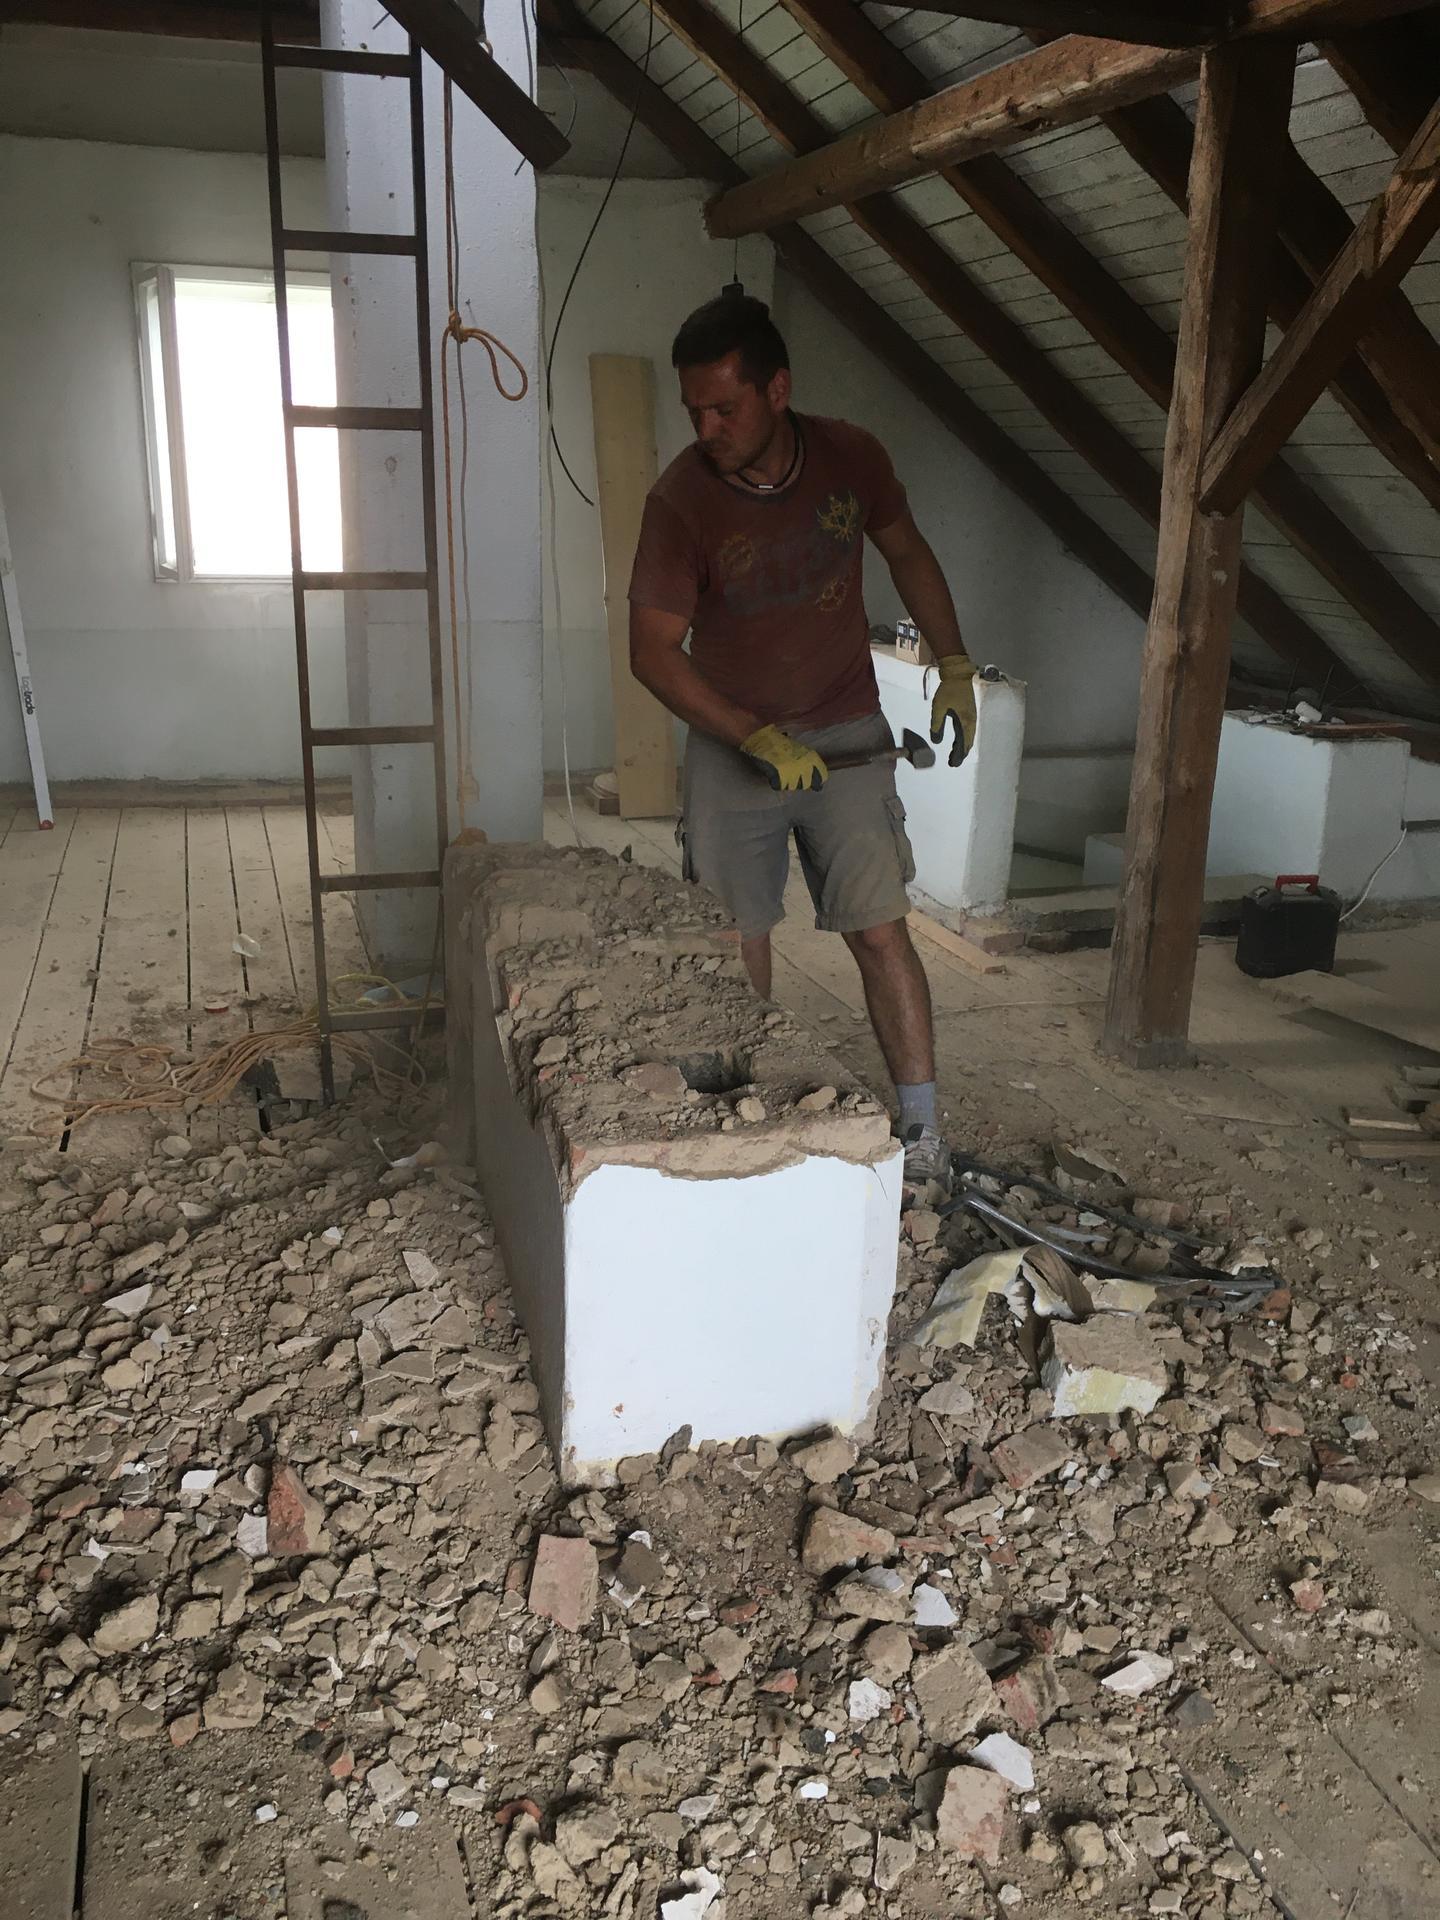 Rekonstrukce 🏡 20/21 - Demolice komínů (dvouprůduchový + třípruduchový)